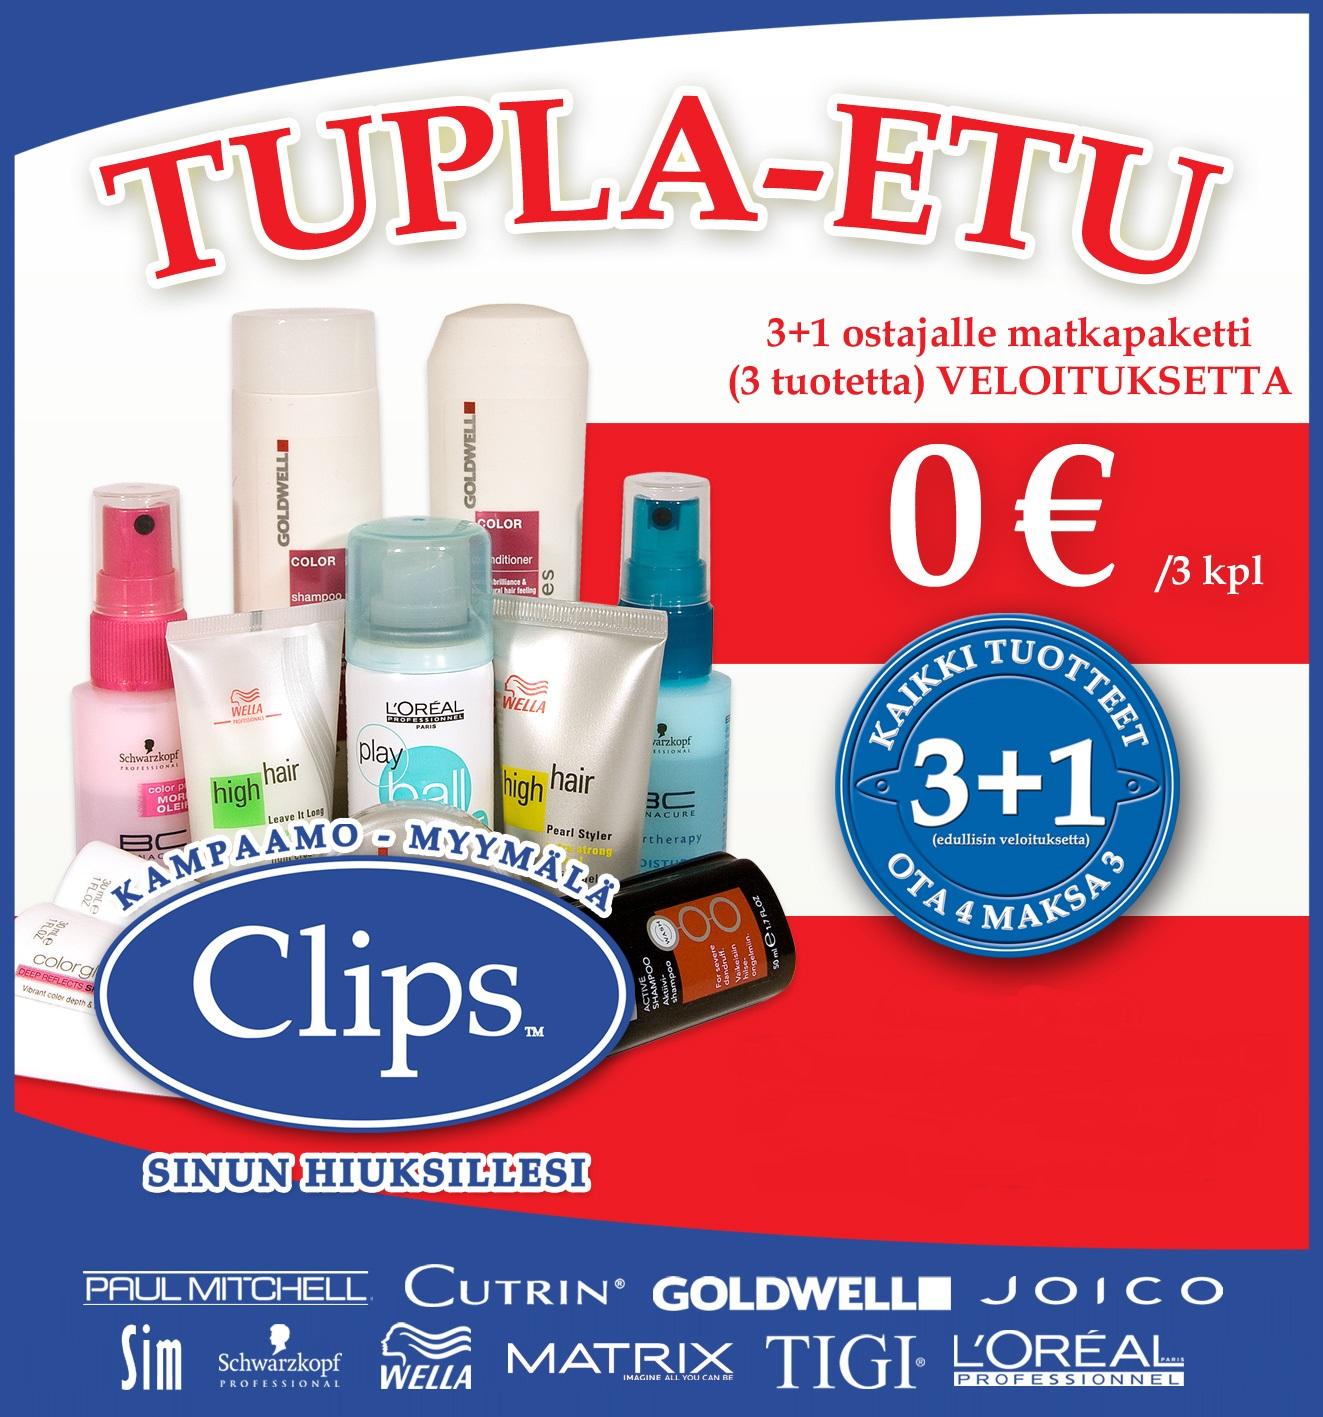 tupla_etu_2010